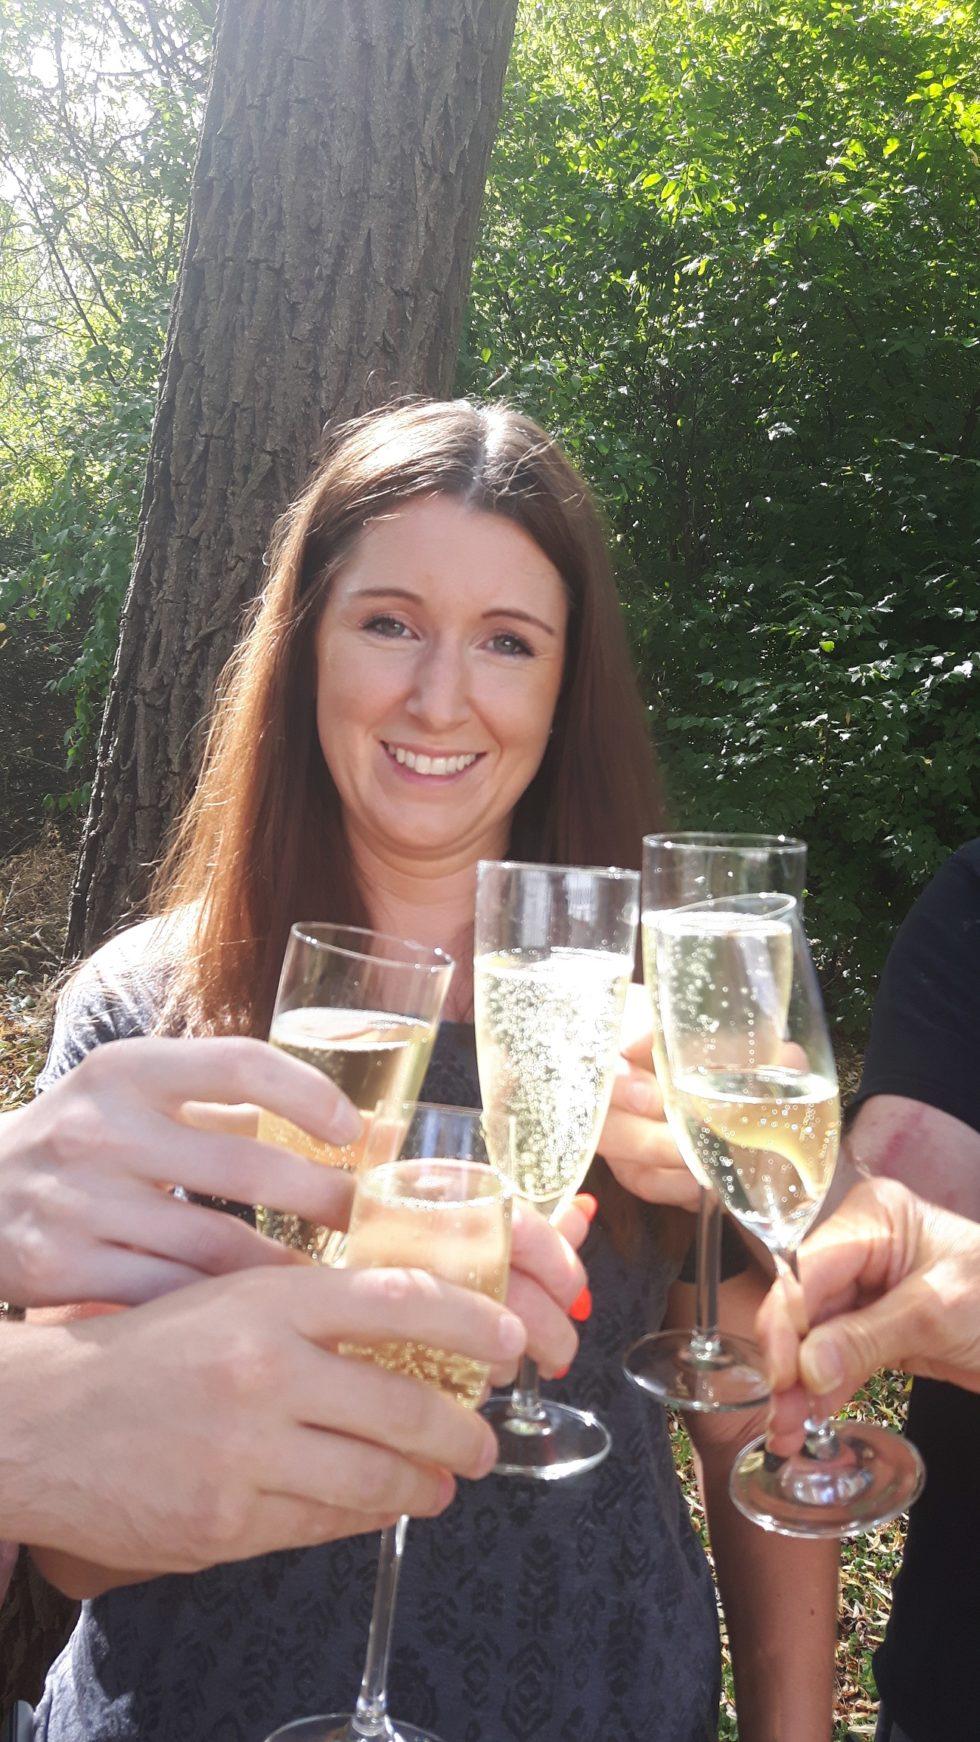 Freitag…  Sonne…  …grillen, und ein Glas Sekt auf Sandras 10-jähriges Jubiläum